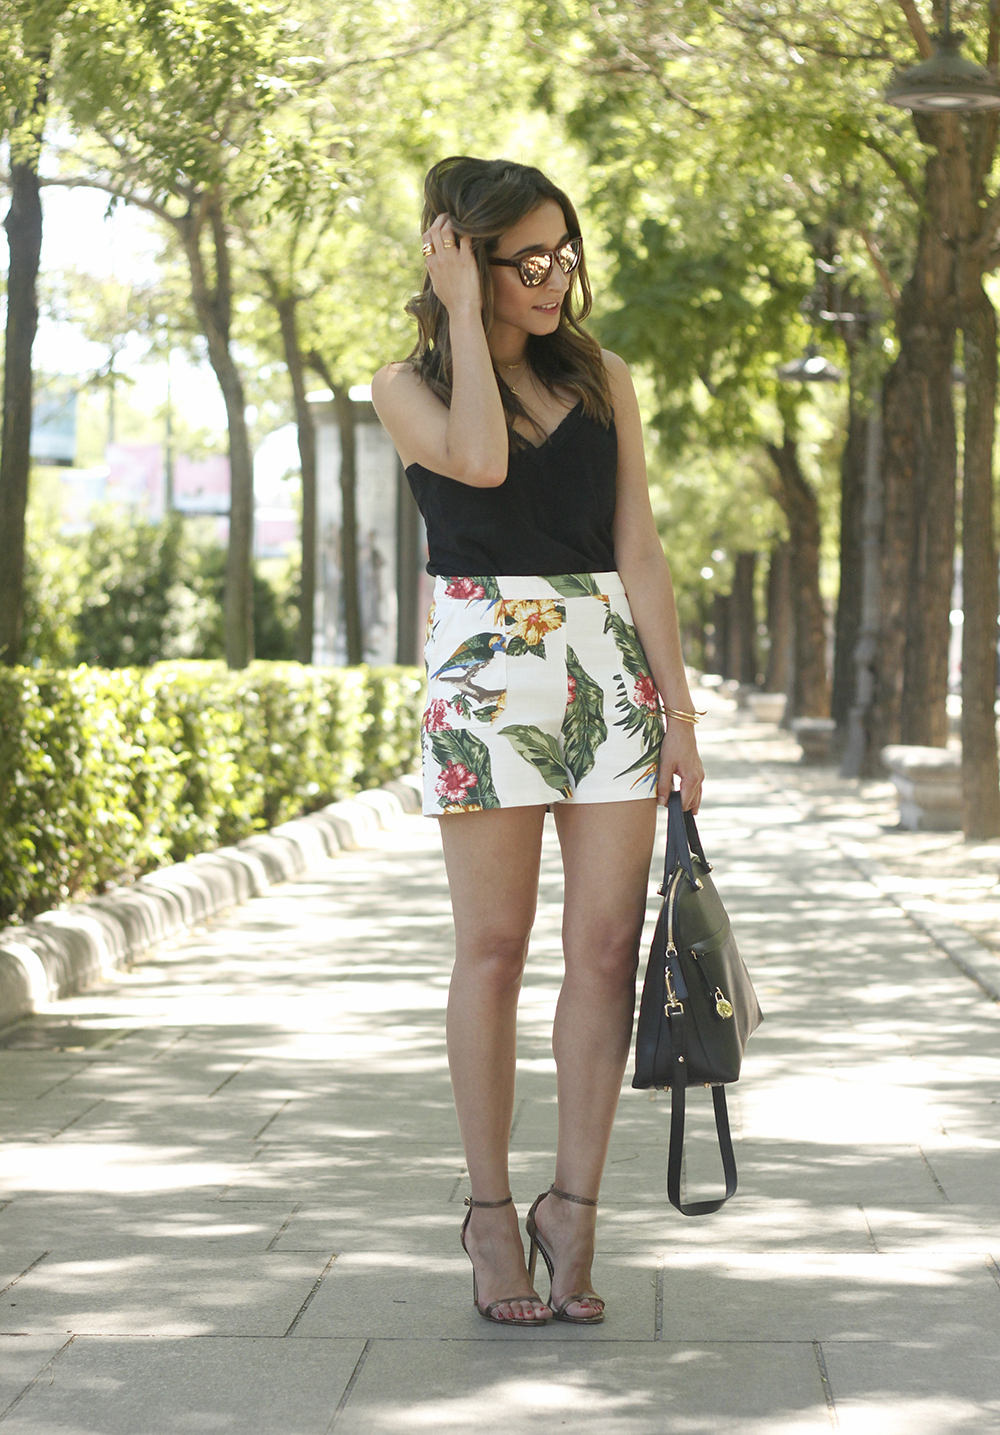 gafas de sol hawkers black lace top tropical print shorts summer outfit heels furla bag sunnies accessories05